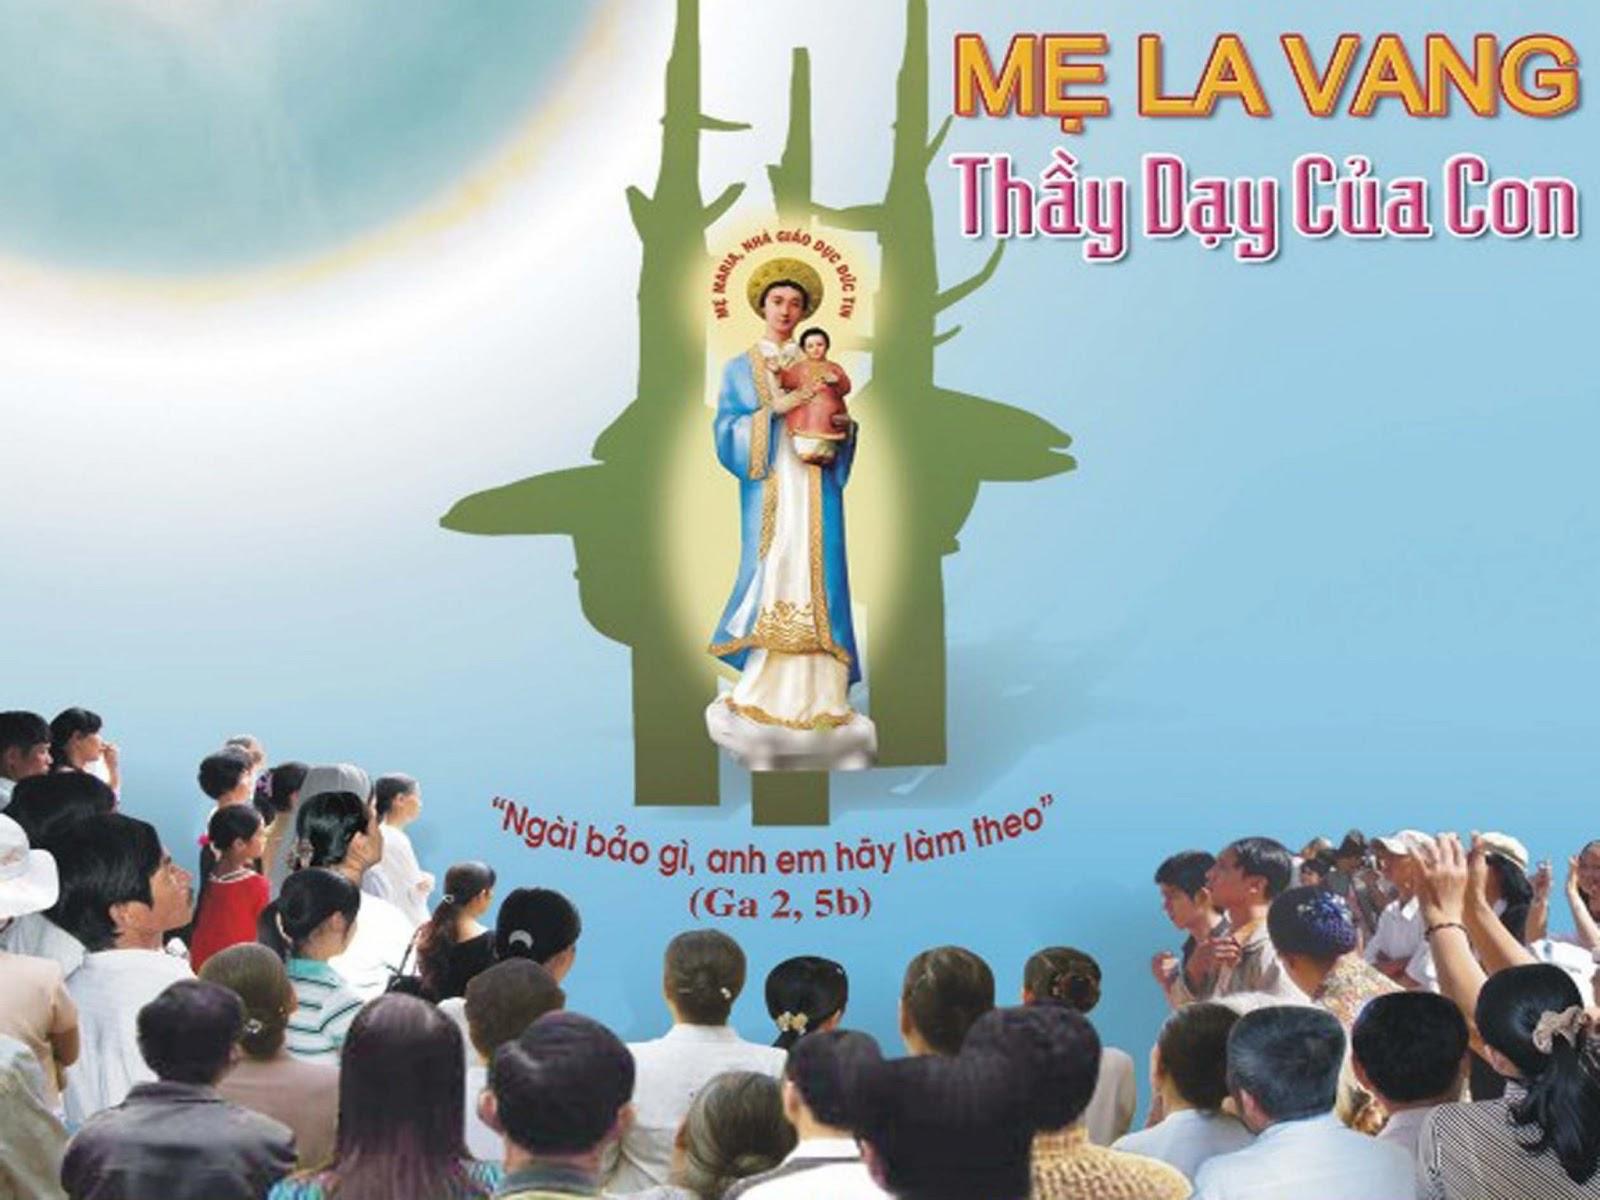 Người ngoại quốc nói về Mẹ Lavang